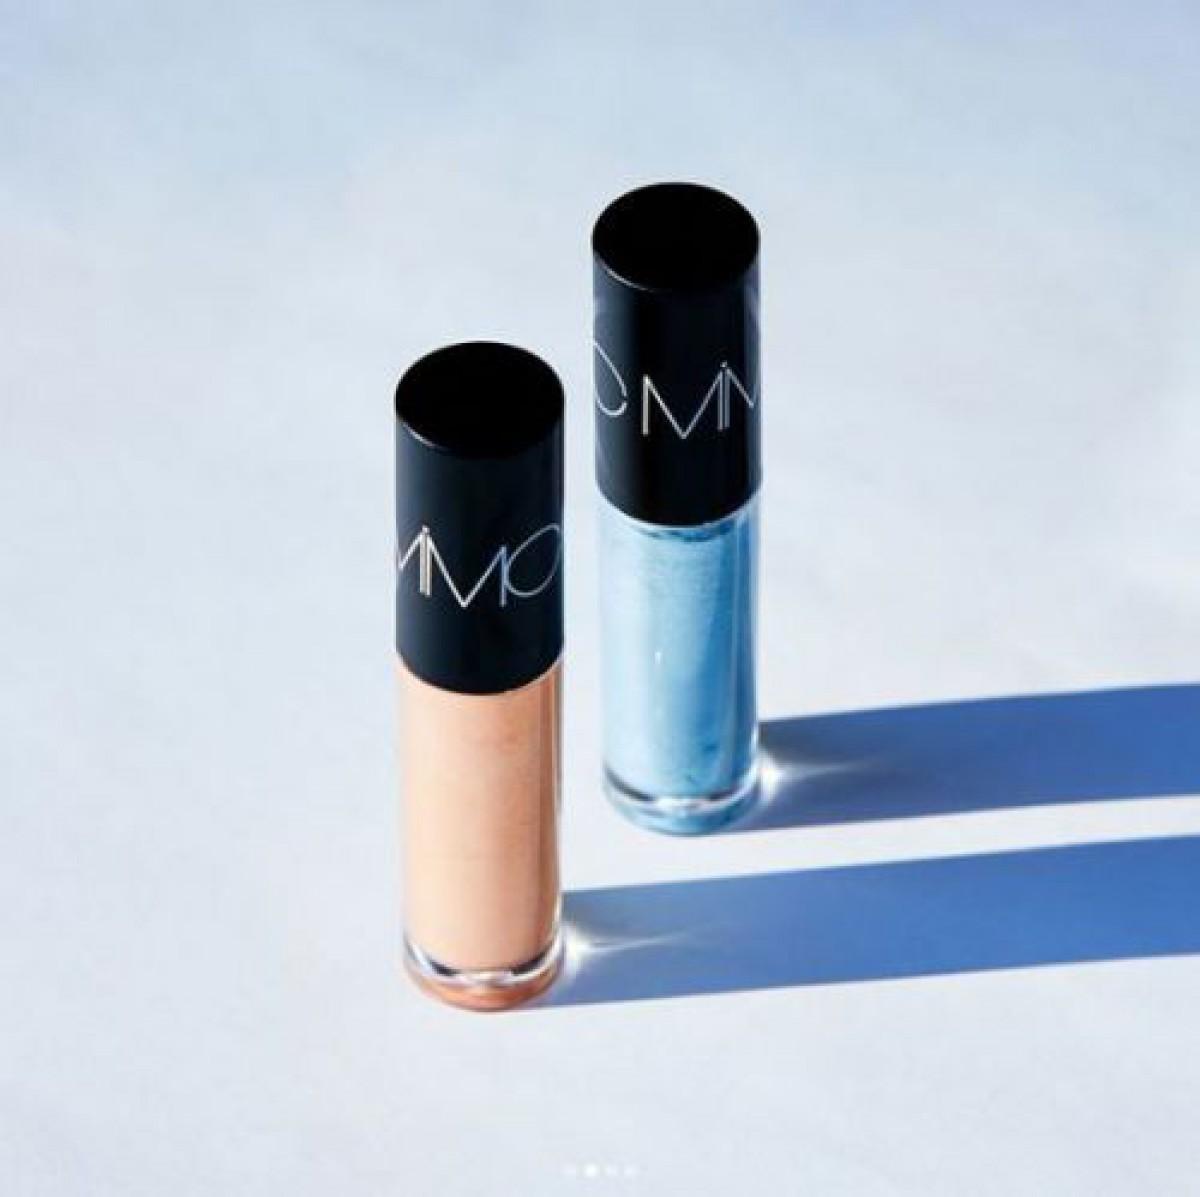 【2018春新作】MiMCの「目もと美容液としても使えるアイシャドウ」が話題。新色2色を✔